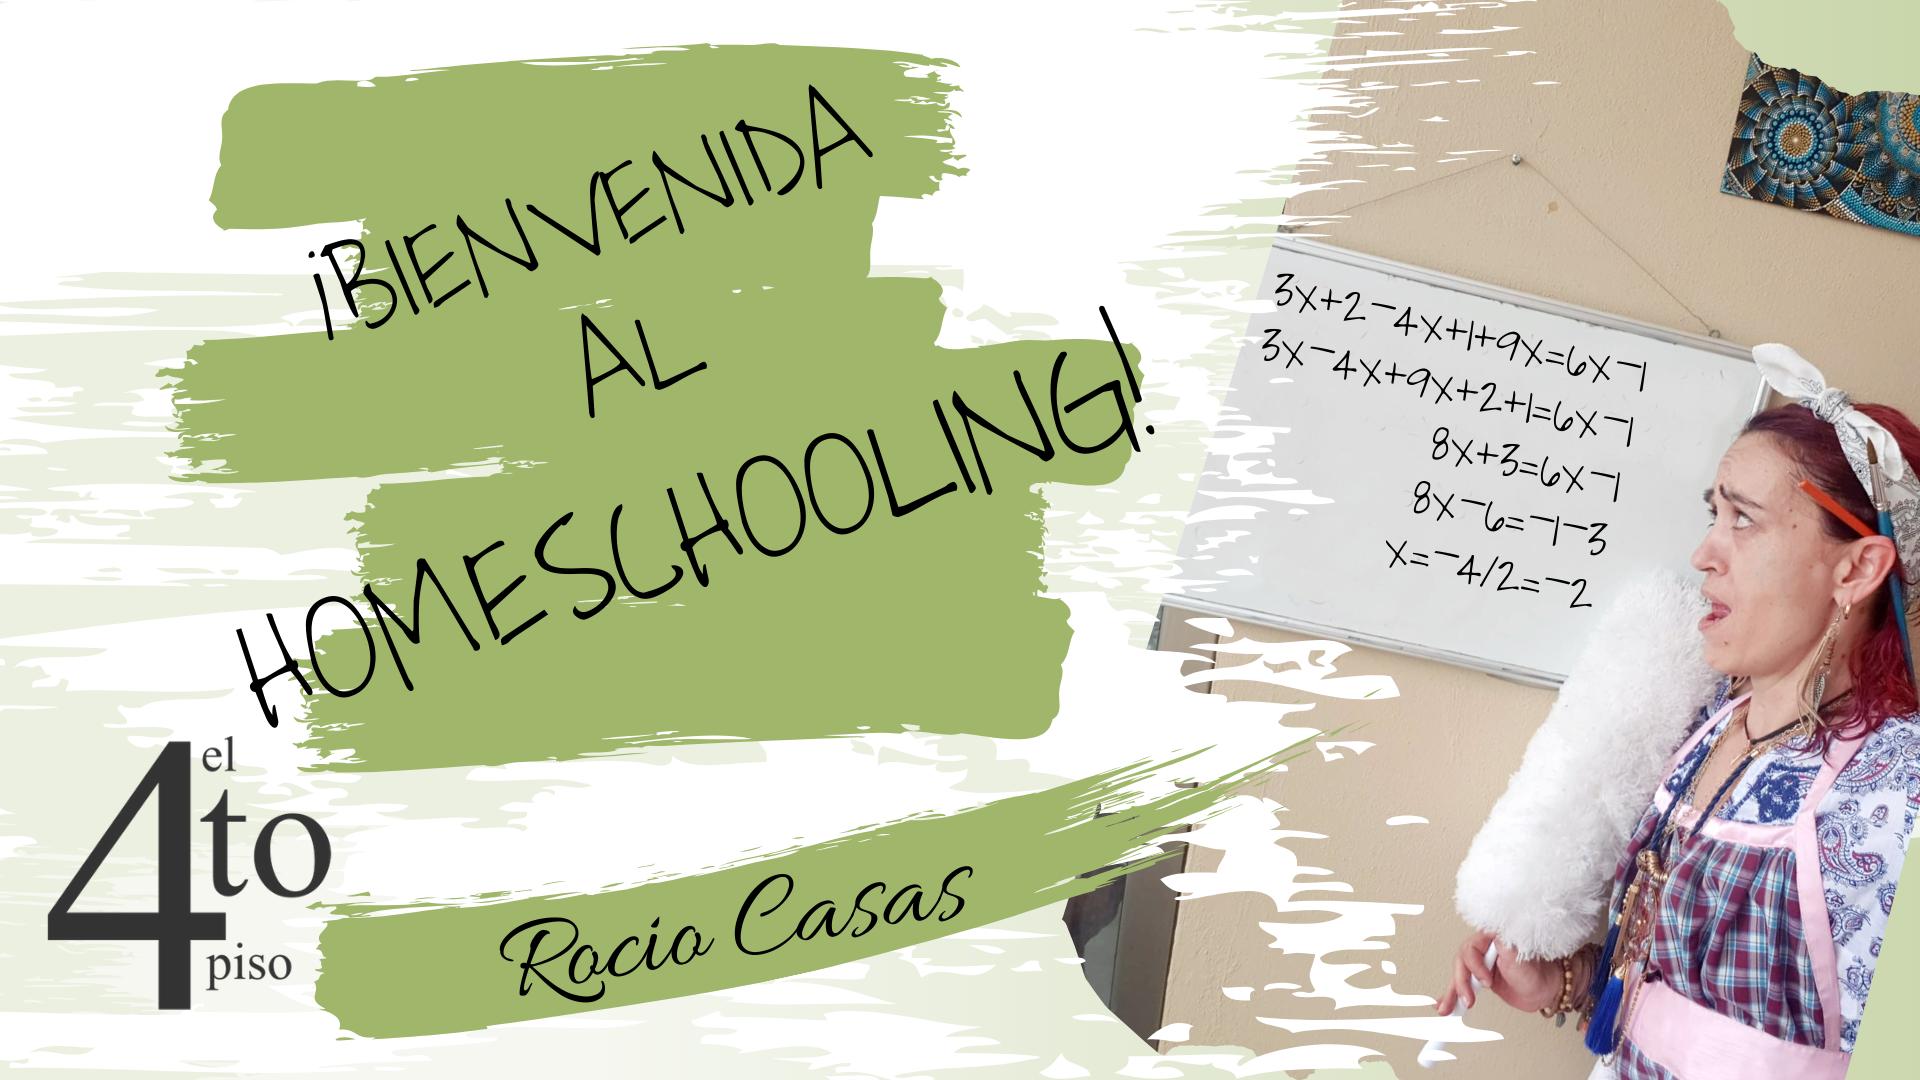 Bienvenida al homeschooling